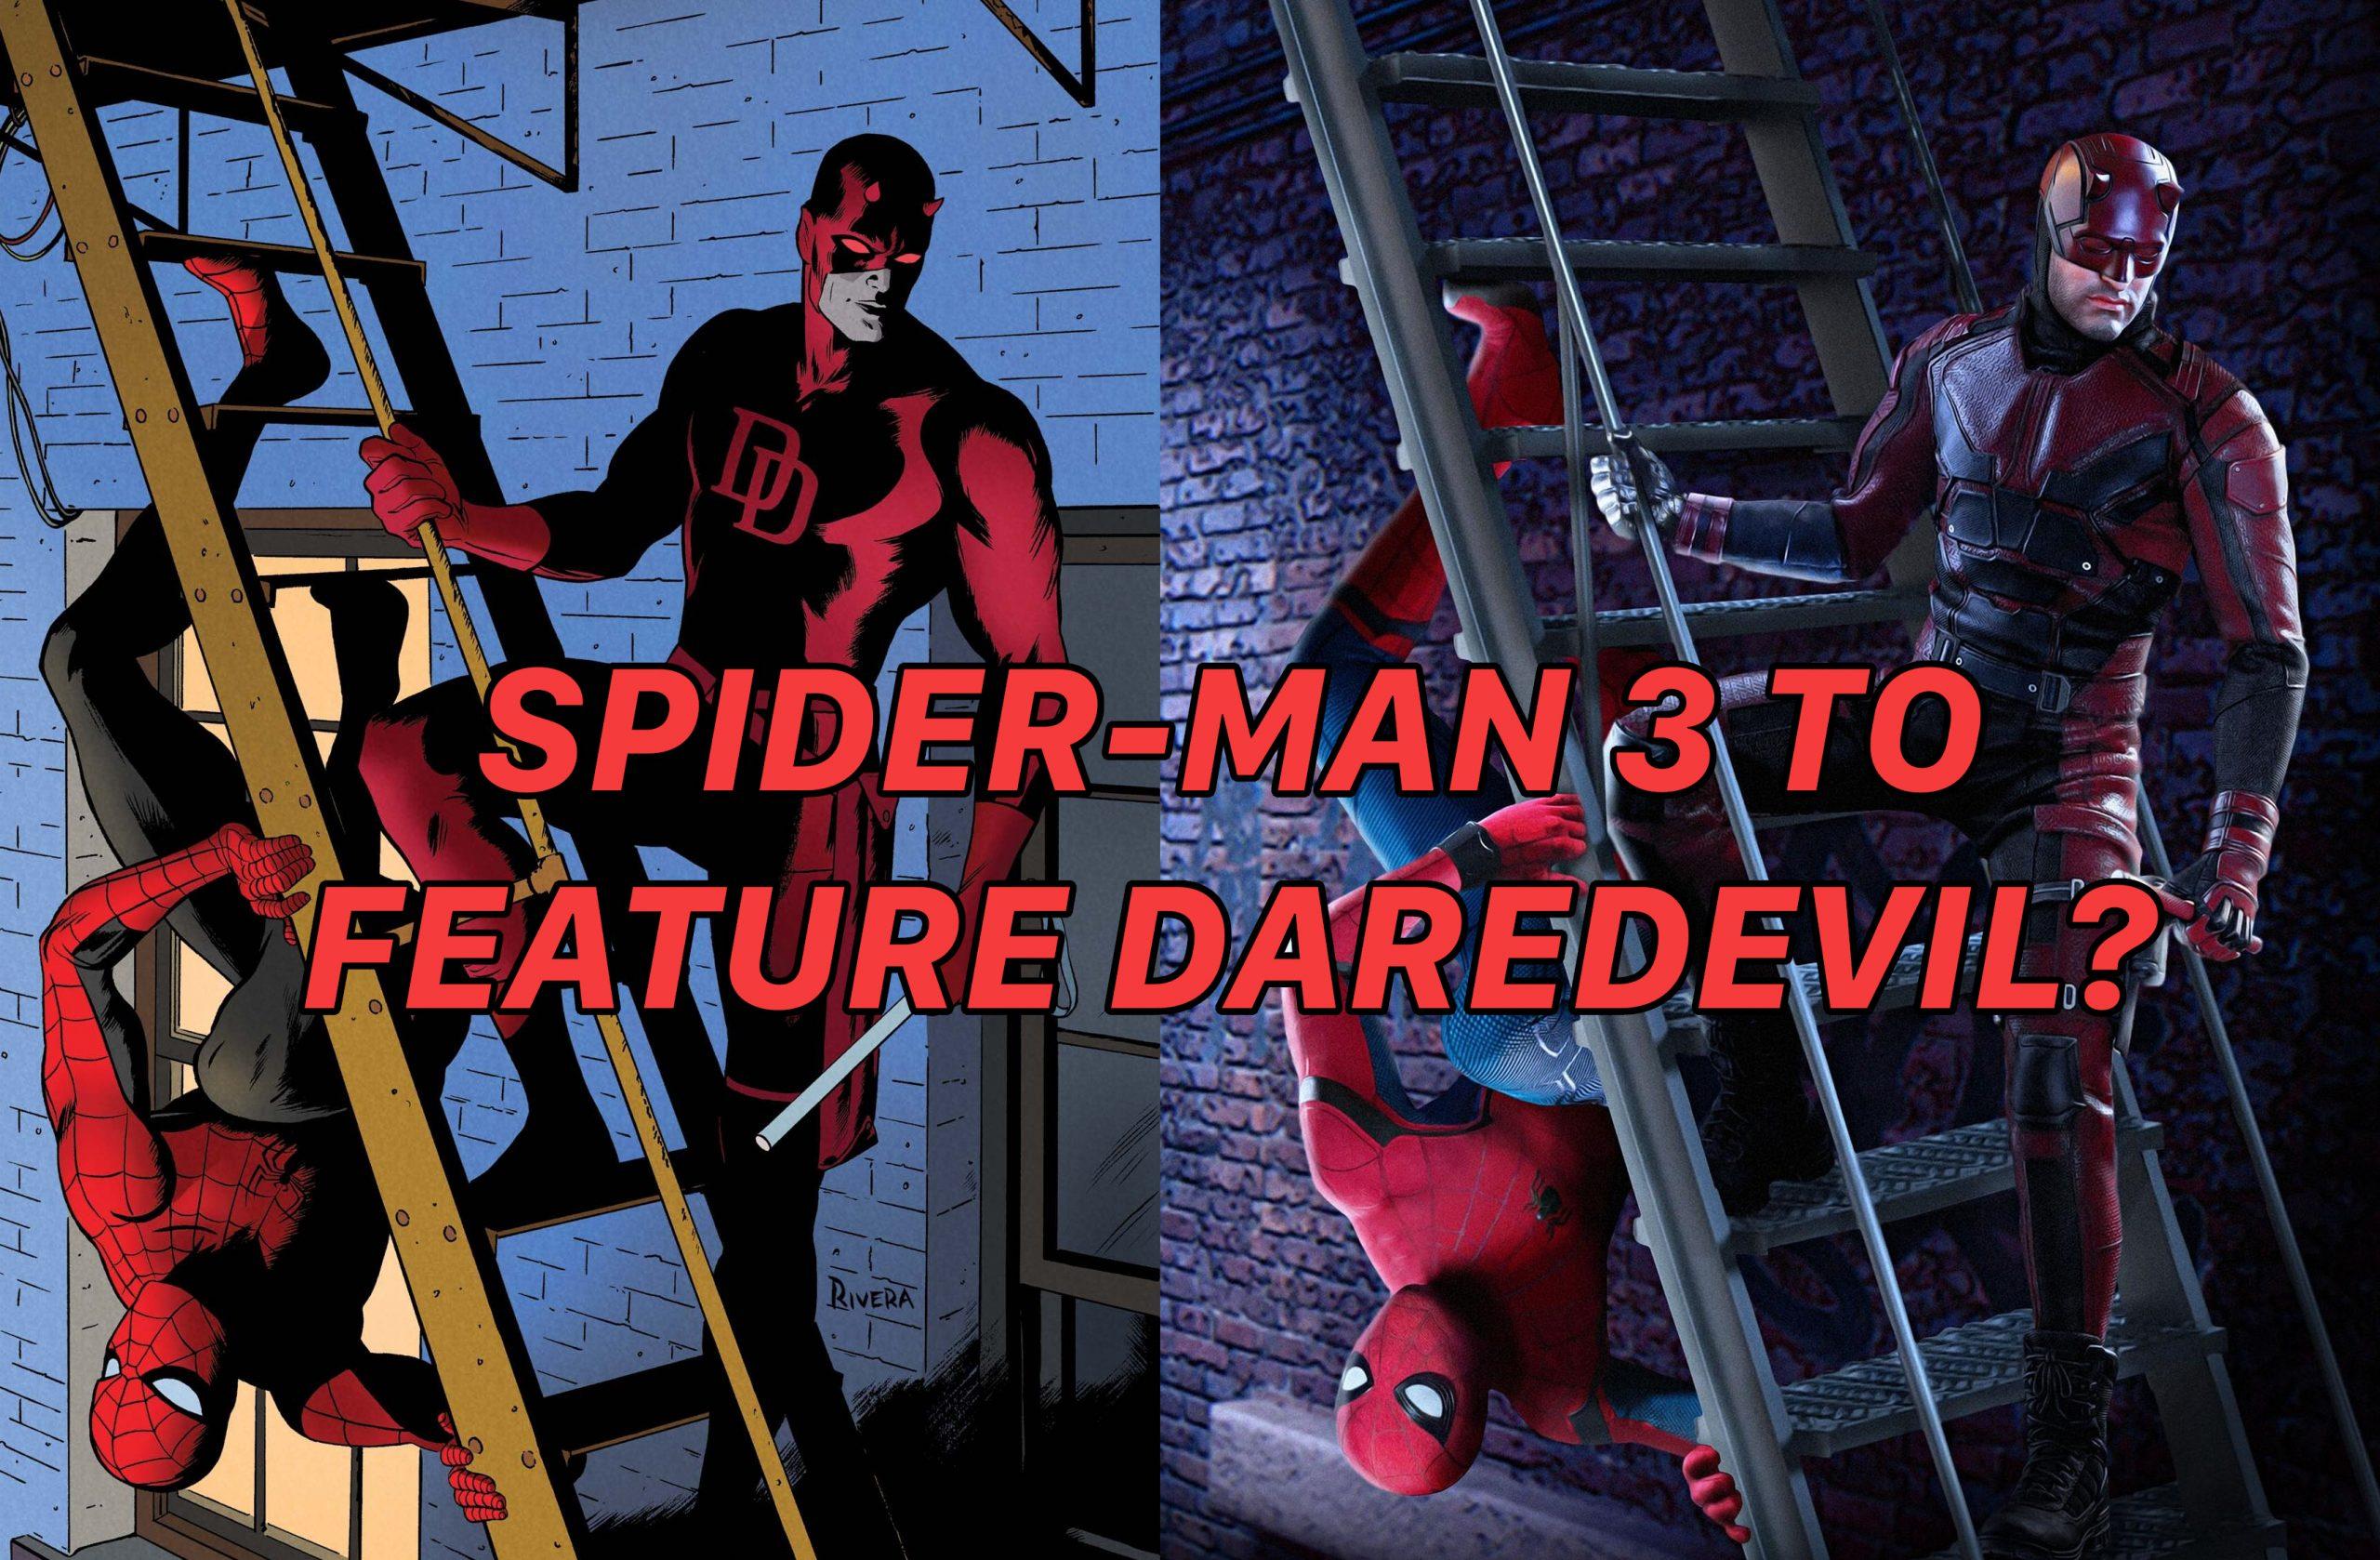 Spider man Daredevil Spider-Man 3